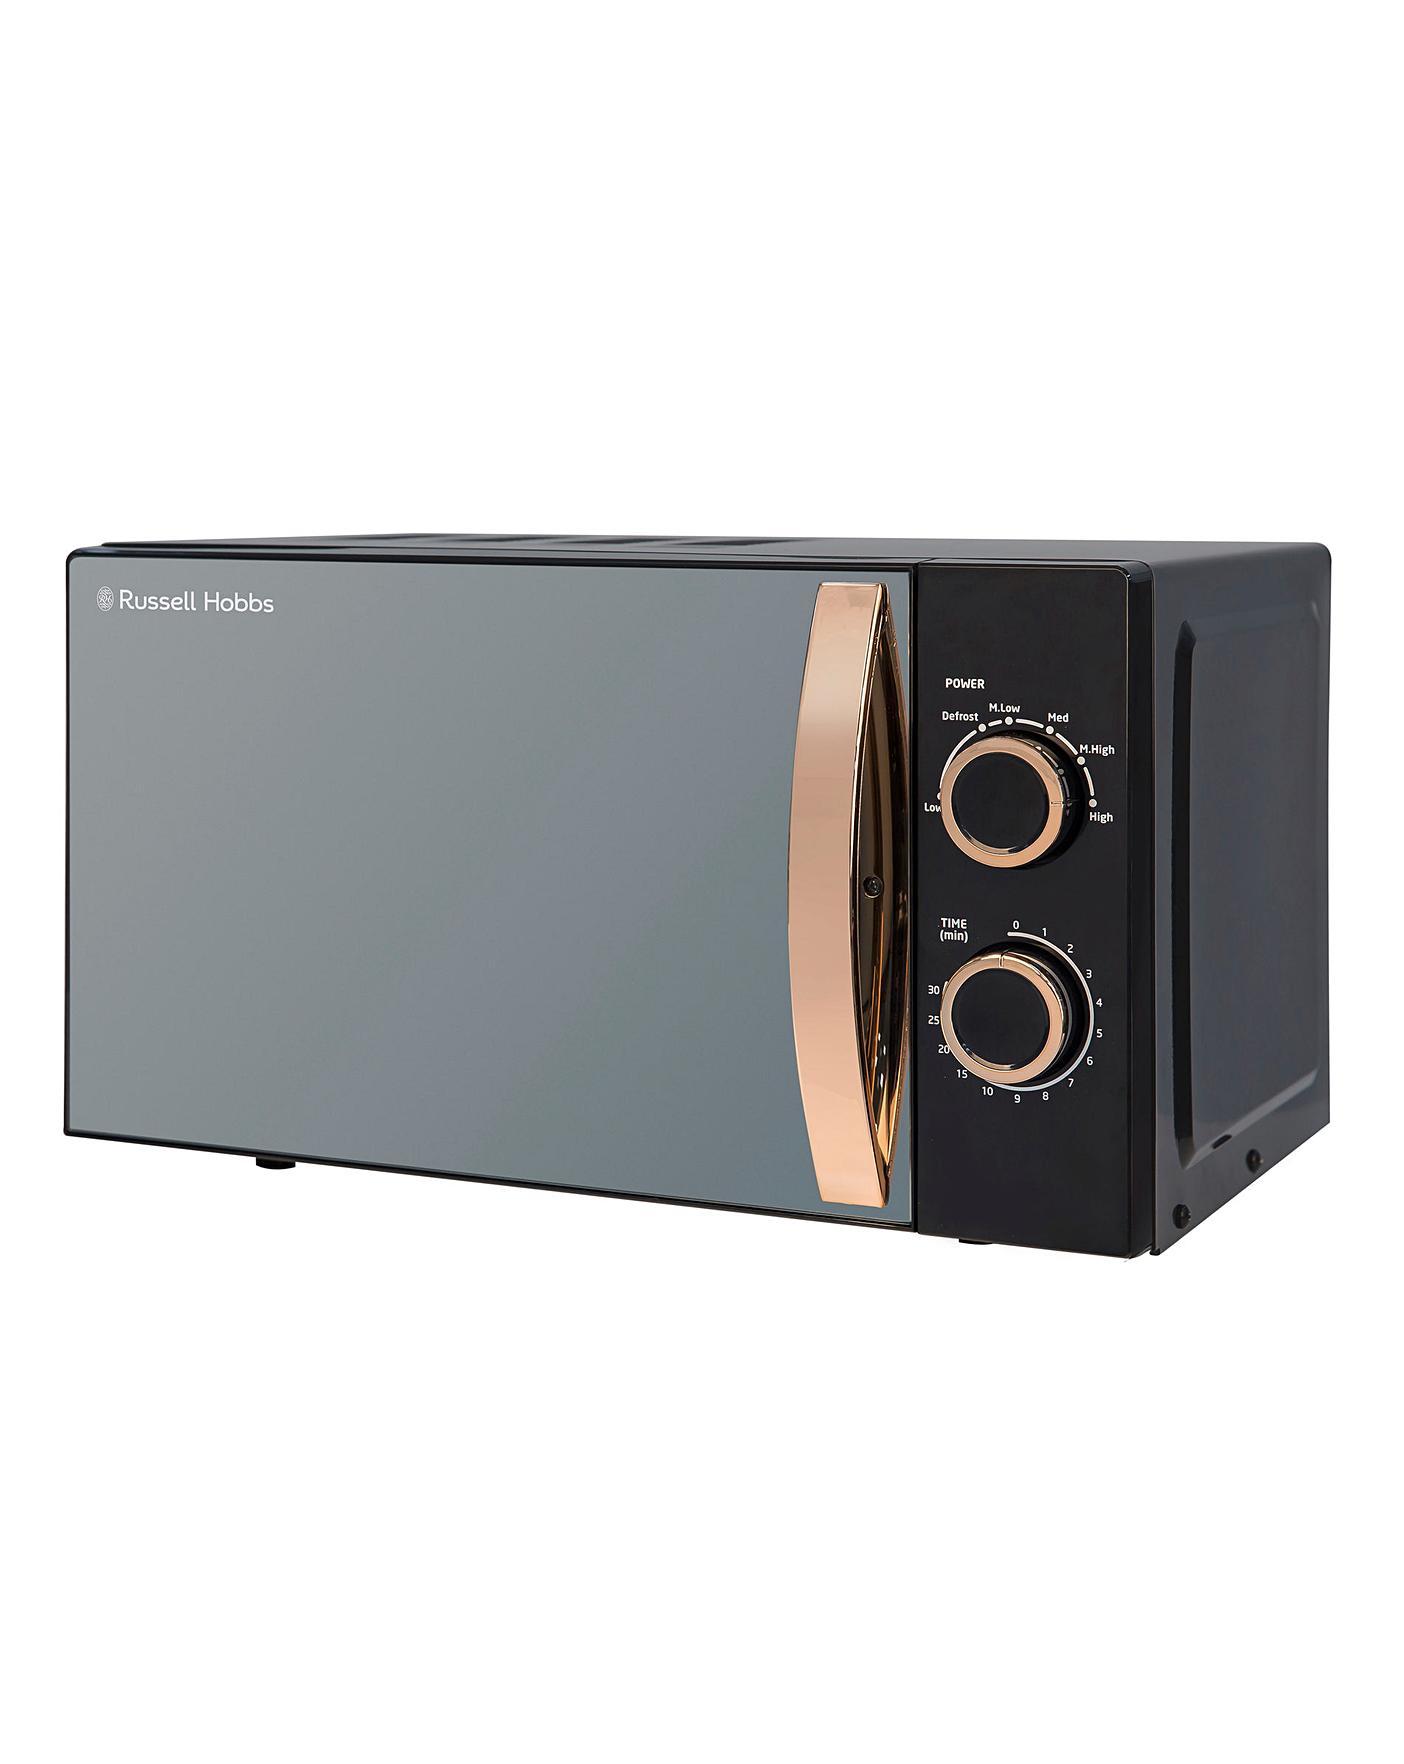 Russell Hobbs Rhm1727rg 17l Microwave Oxendales